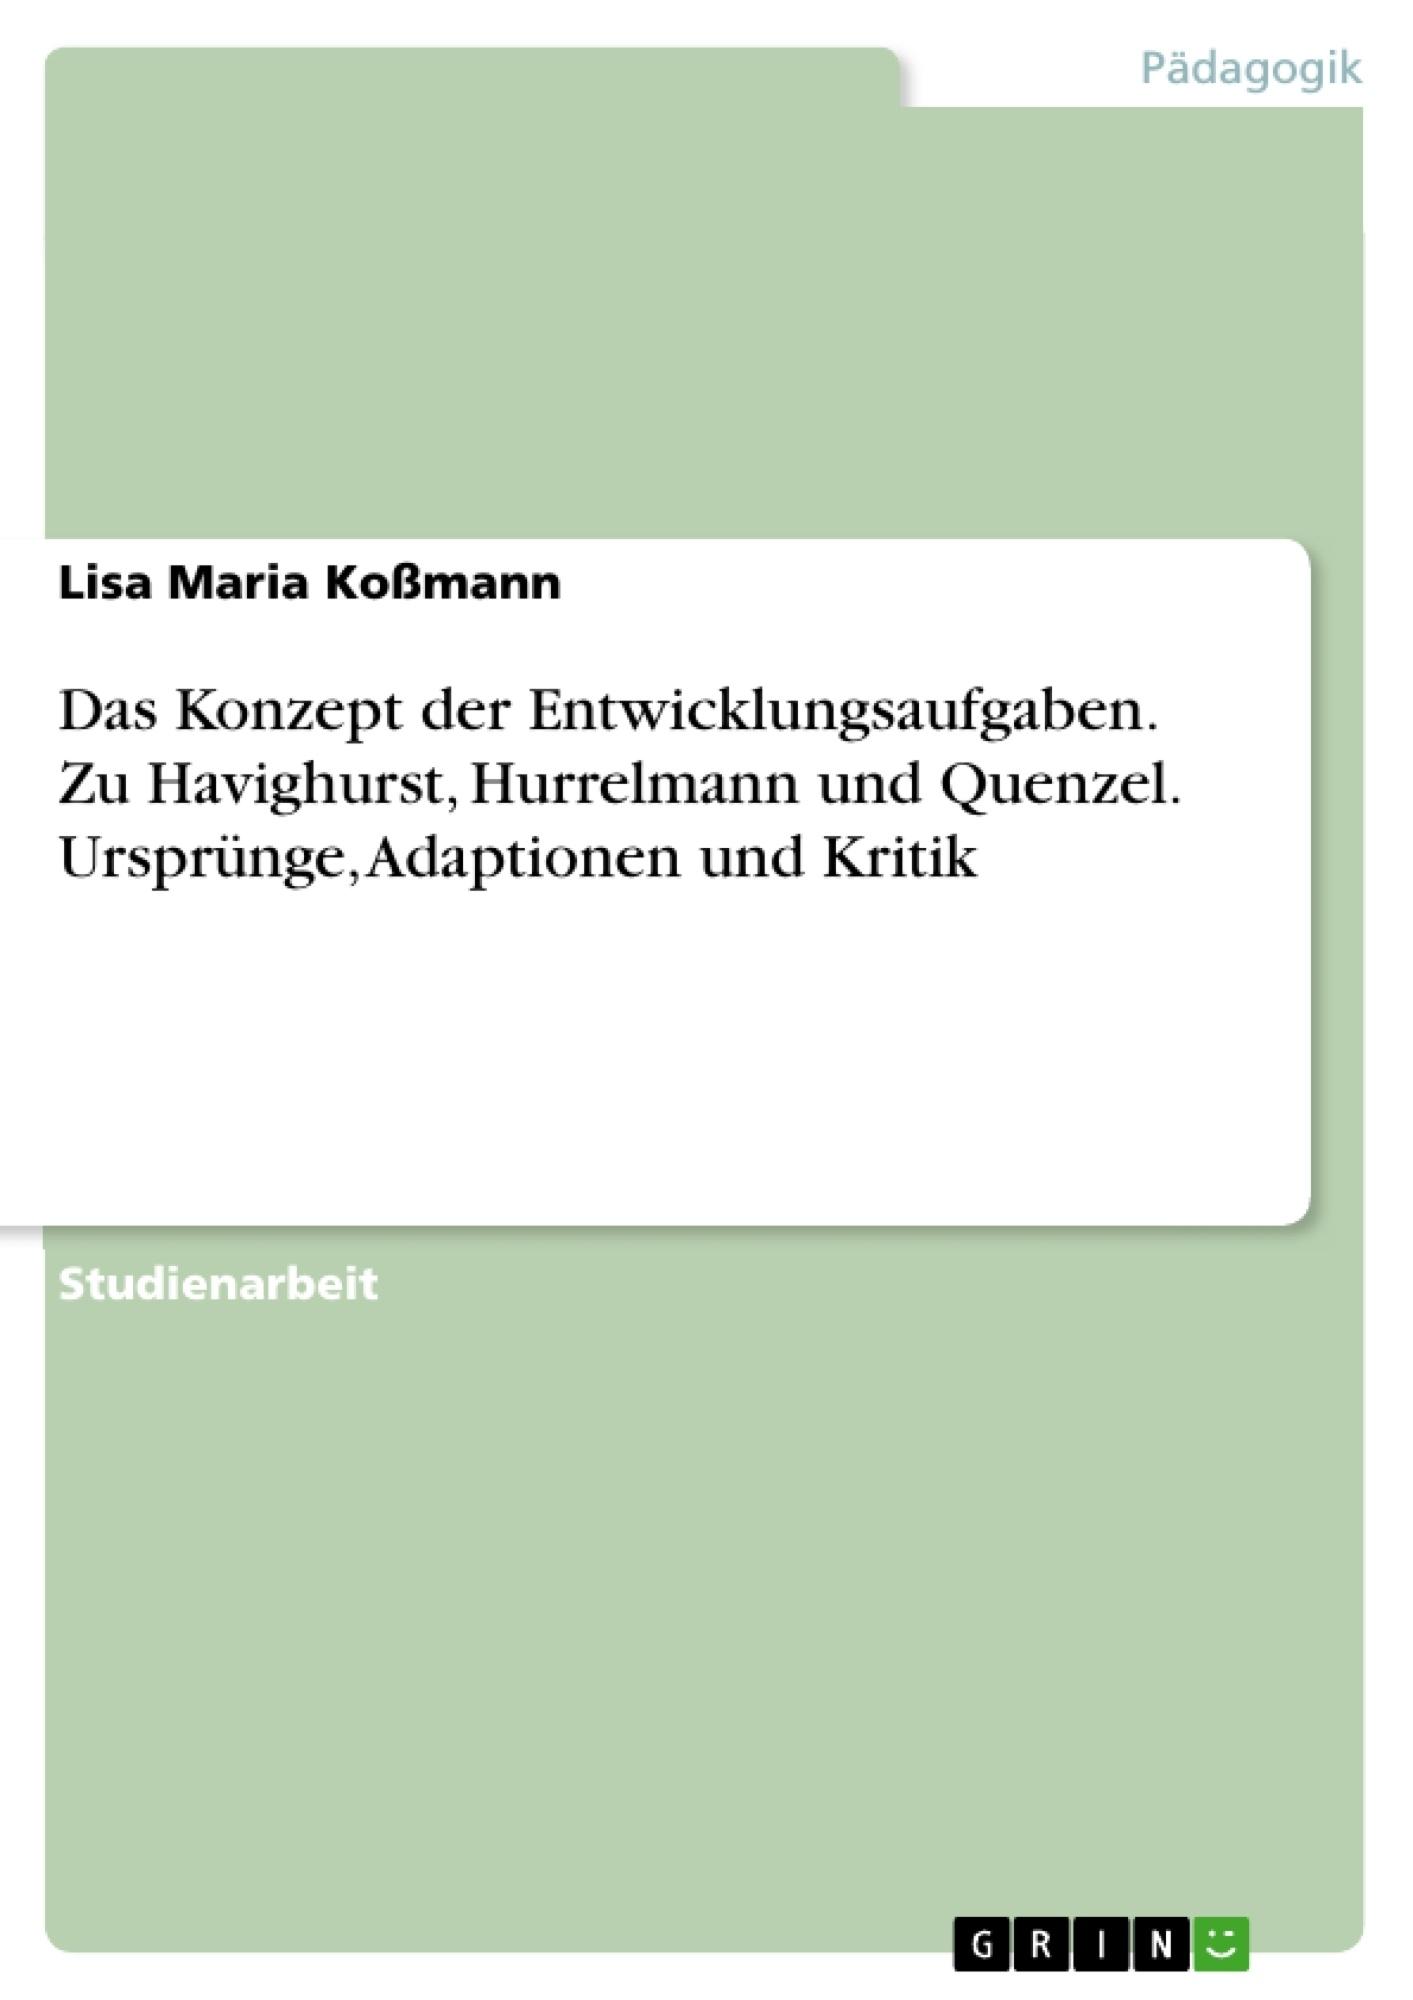 Titel: Das Konzept der Entwicklungsaufgaben. Zu Havighurst, Hurrelmann und Quenzel. Ursprünge, Adaptionen und Kritik